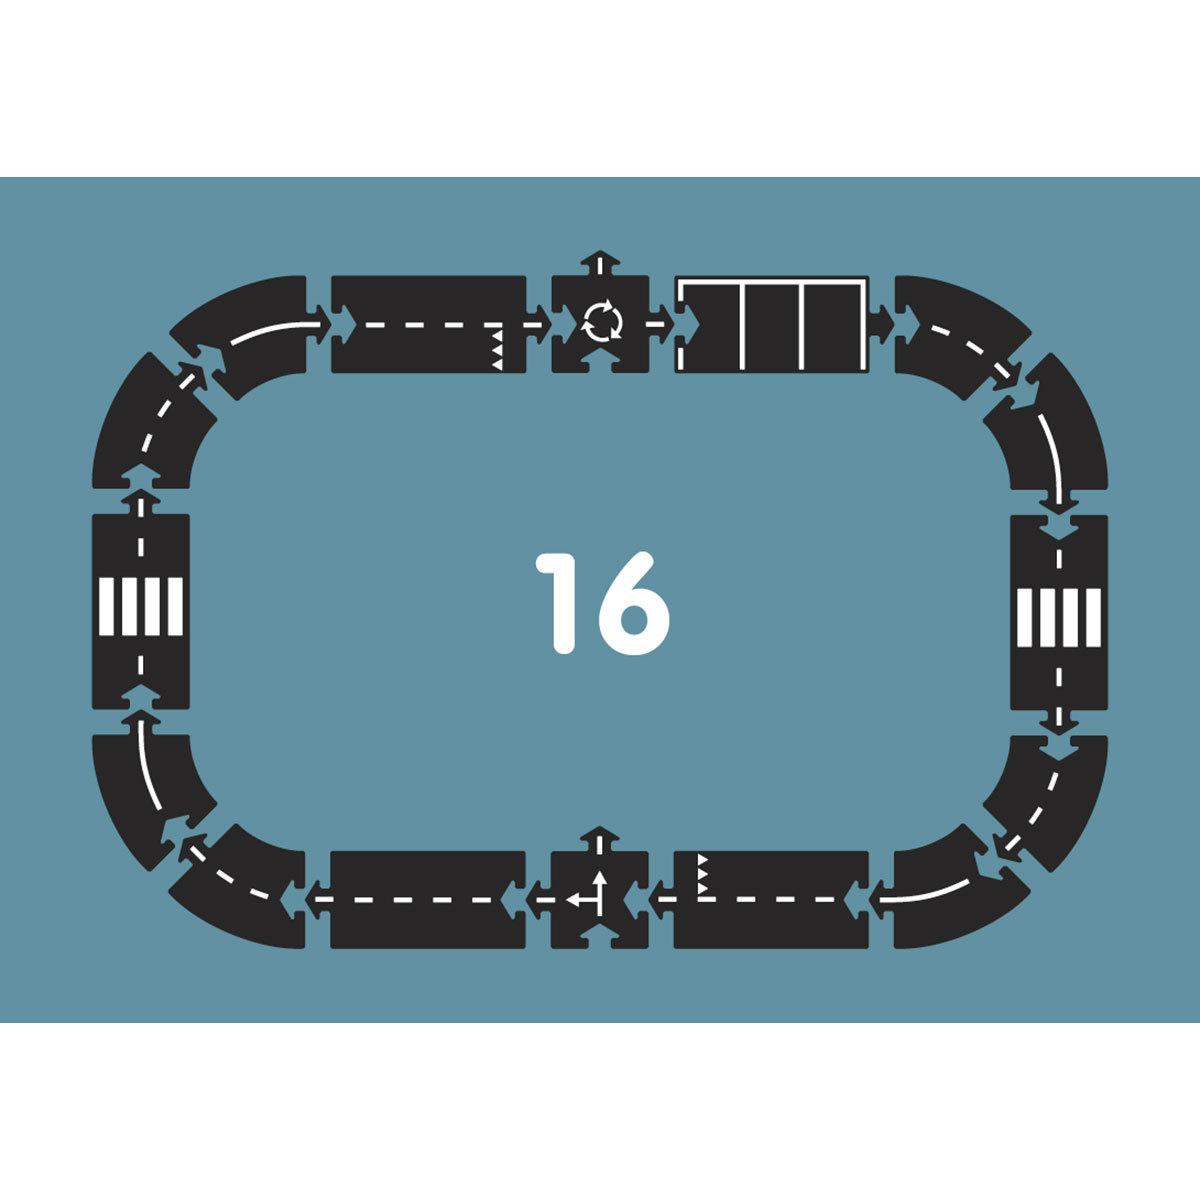 Mes premiers jouets Circuit Flexible à Assembler - ExpressWay Circuit Flexible à Assembler - ExpressWay